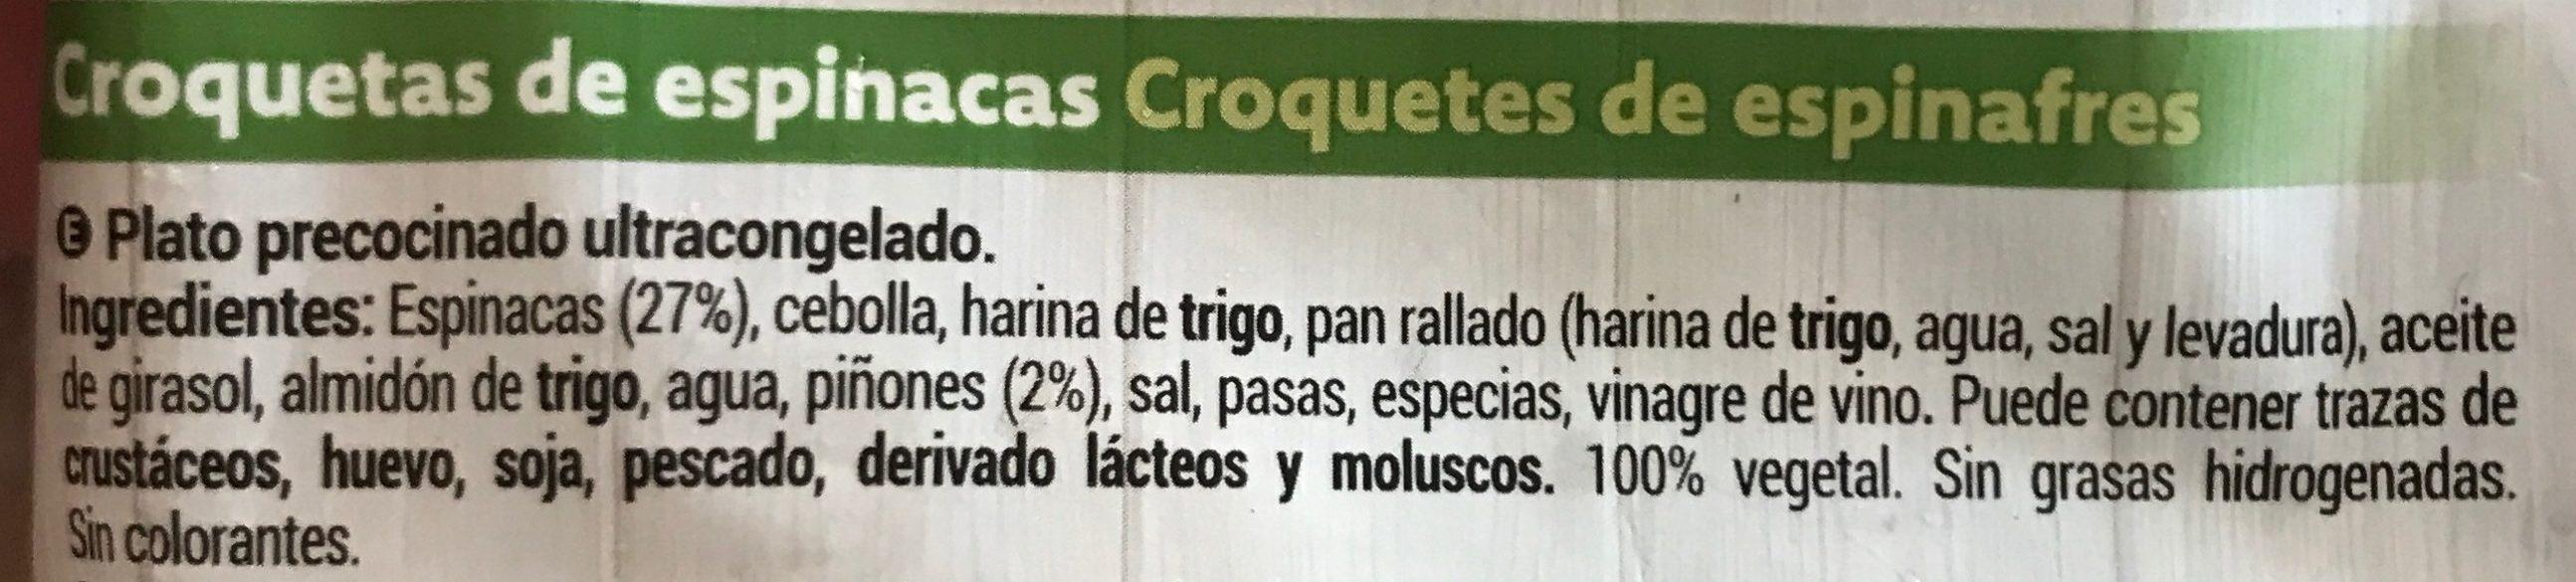 Croquetas Espinacas - Ingredients